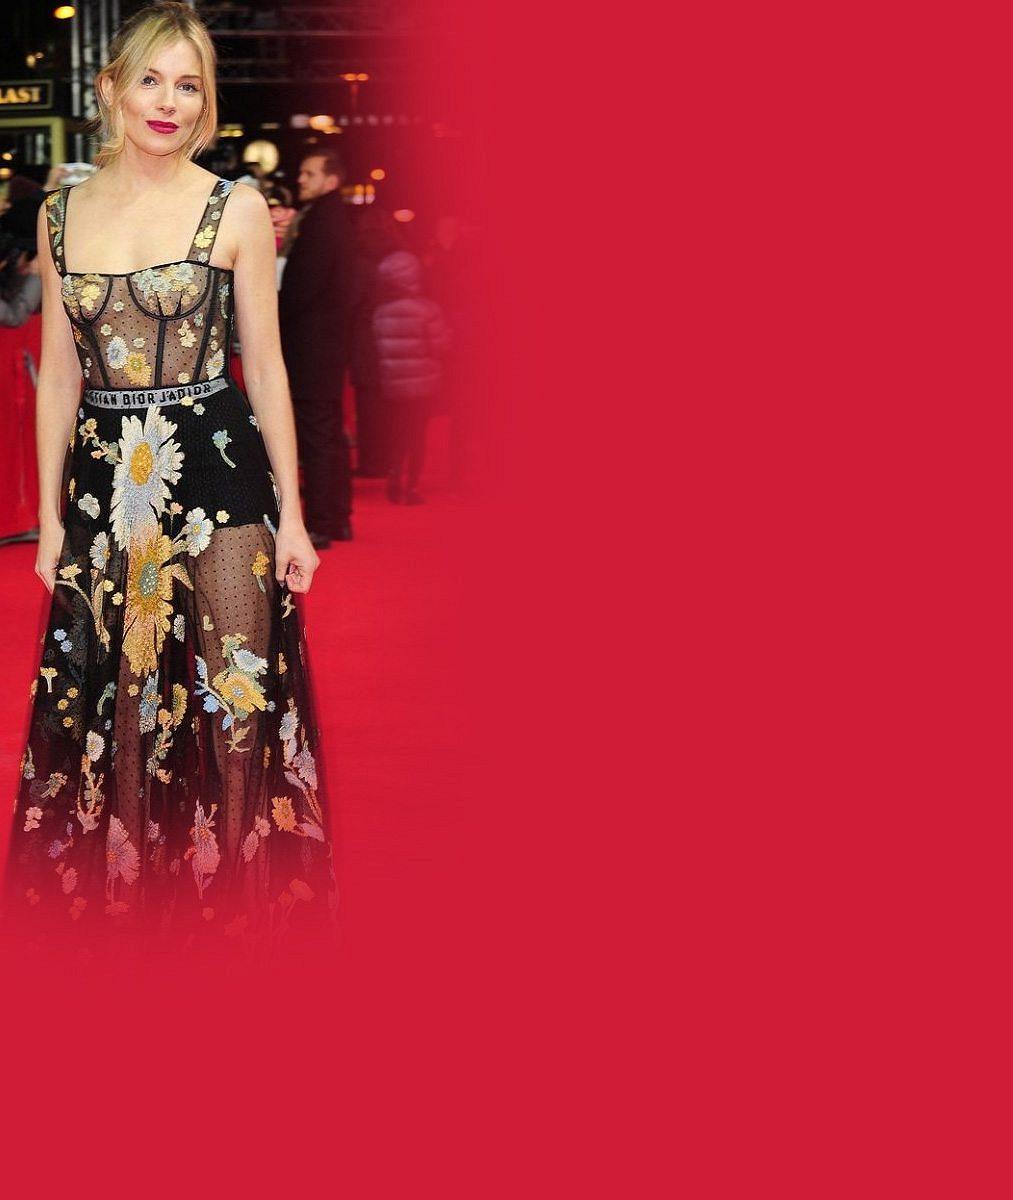 Herečka se slušnou sbírkou neméně slavných milenců přišla na premiéru v průsvitných šatech bez podprsenky